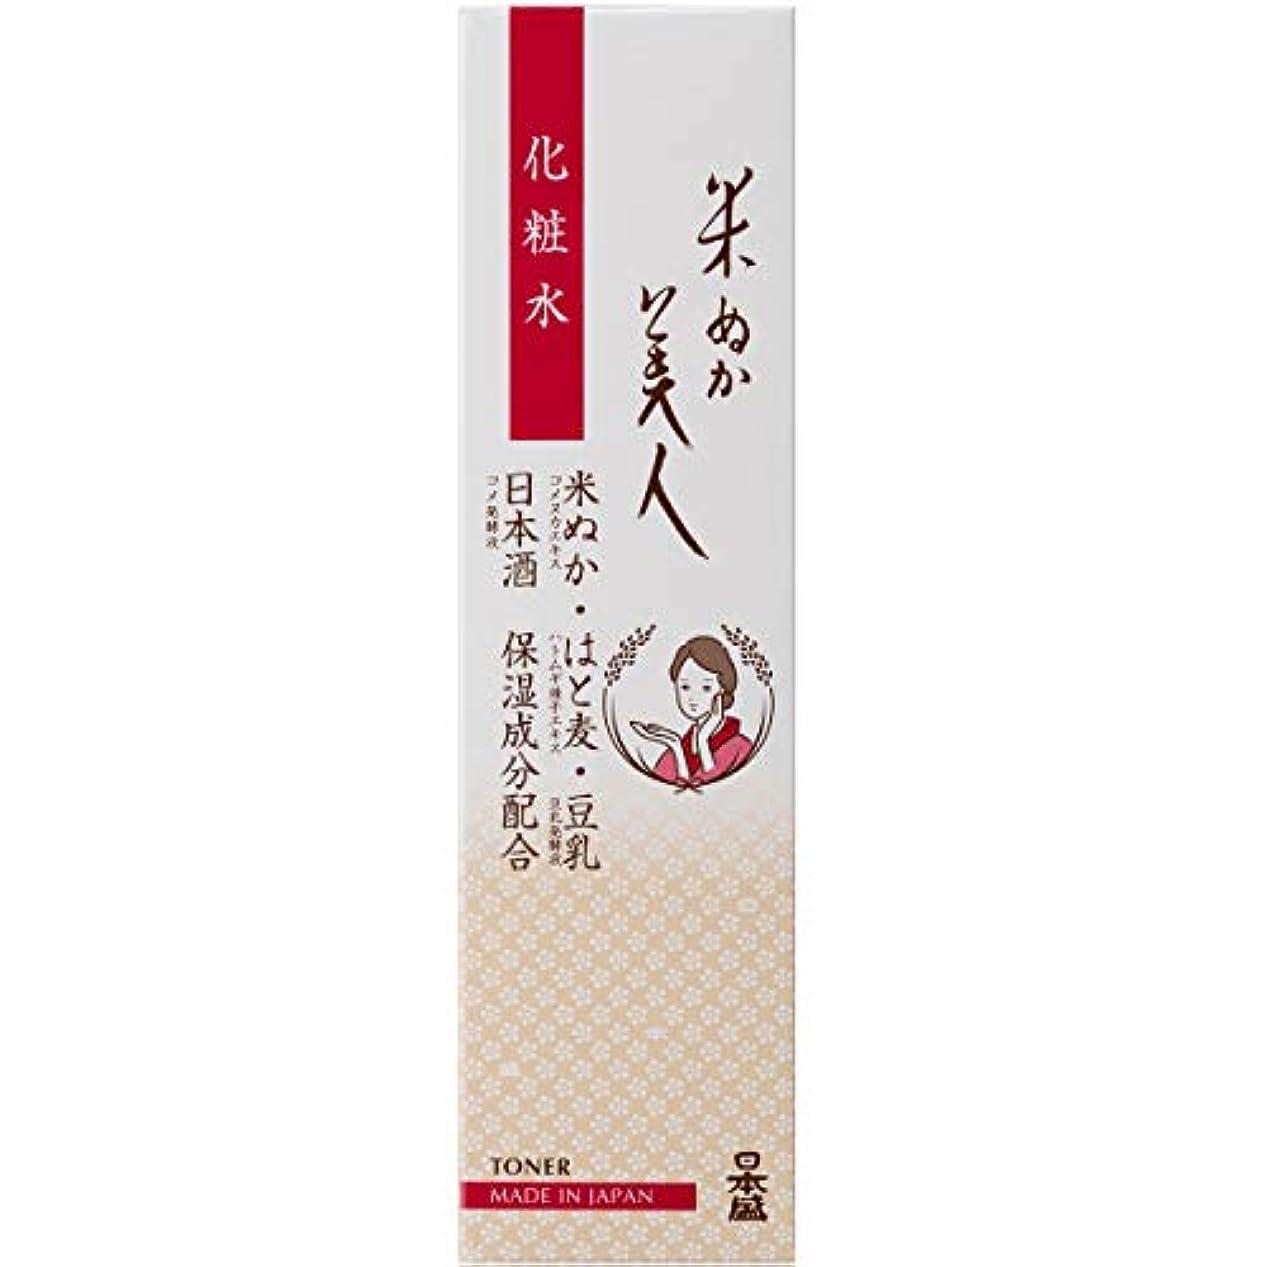 暴露遠足断片日本盛 米ぬか美人 化粧水 200mL(無香料 無着色 弱酸性)